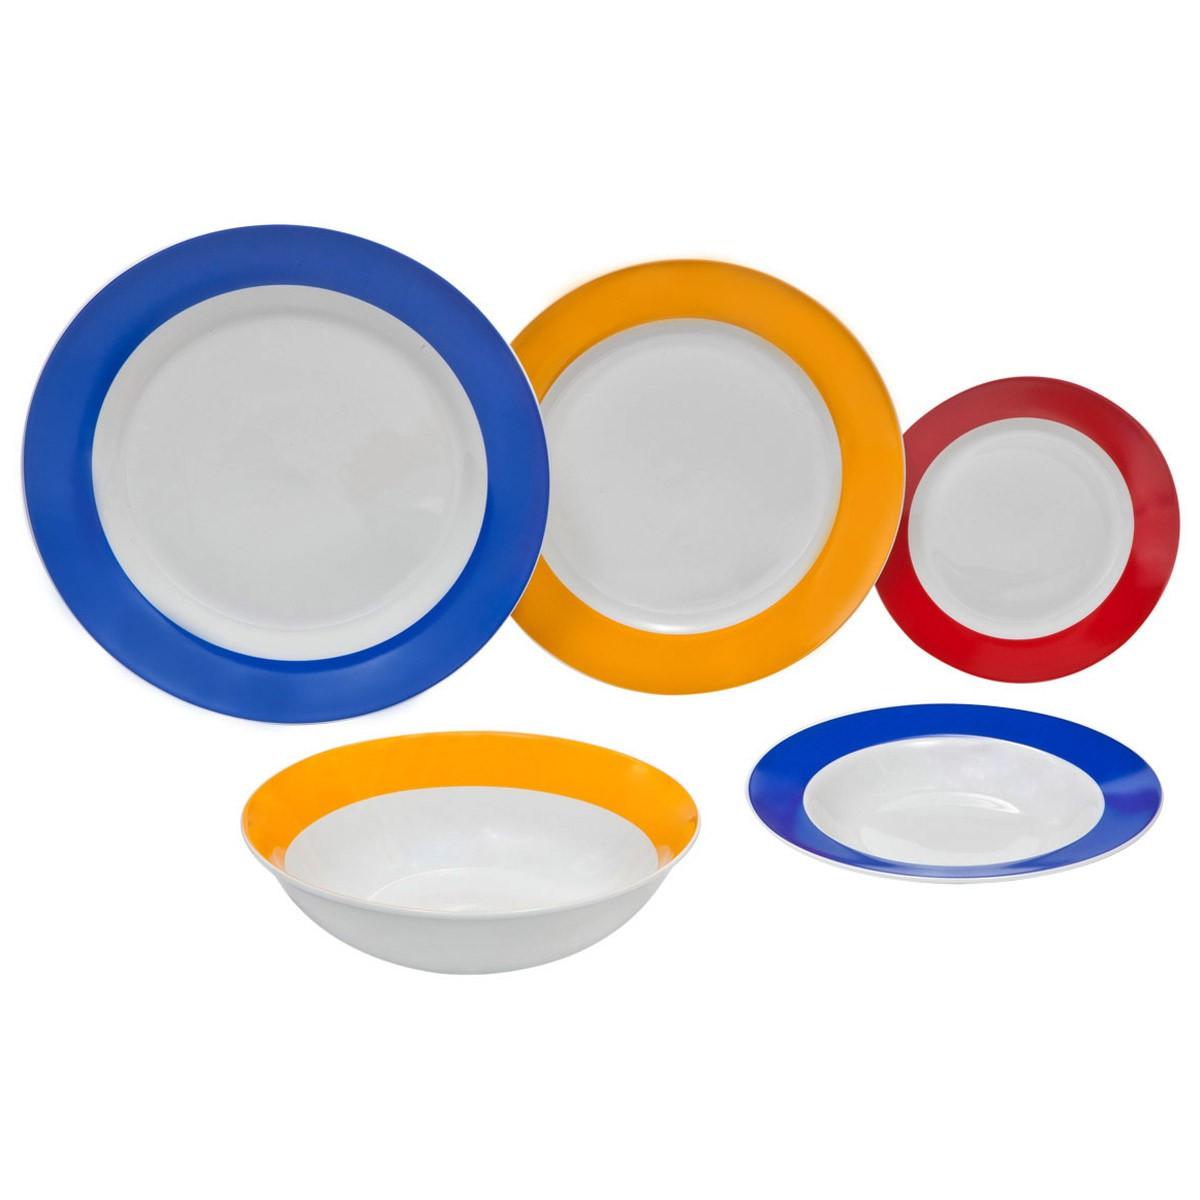 Σερβίτσιο 20Τμχ Marva Color Rim 687007 home   κουζίνα   τραπεζαρία   πιάτα   μπωλ